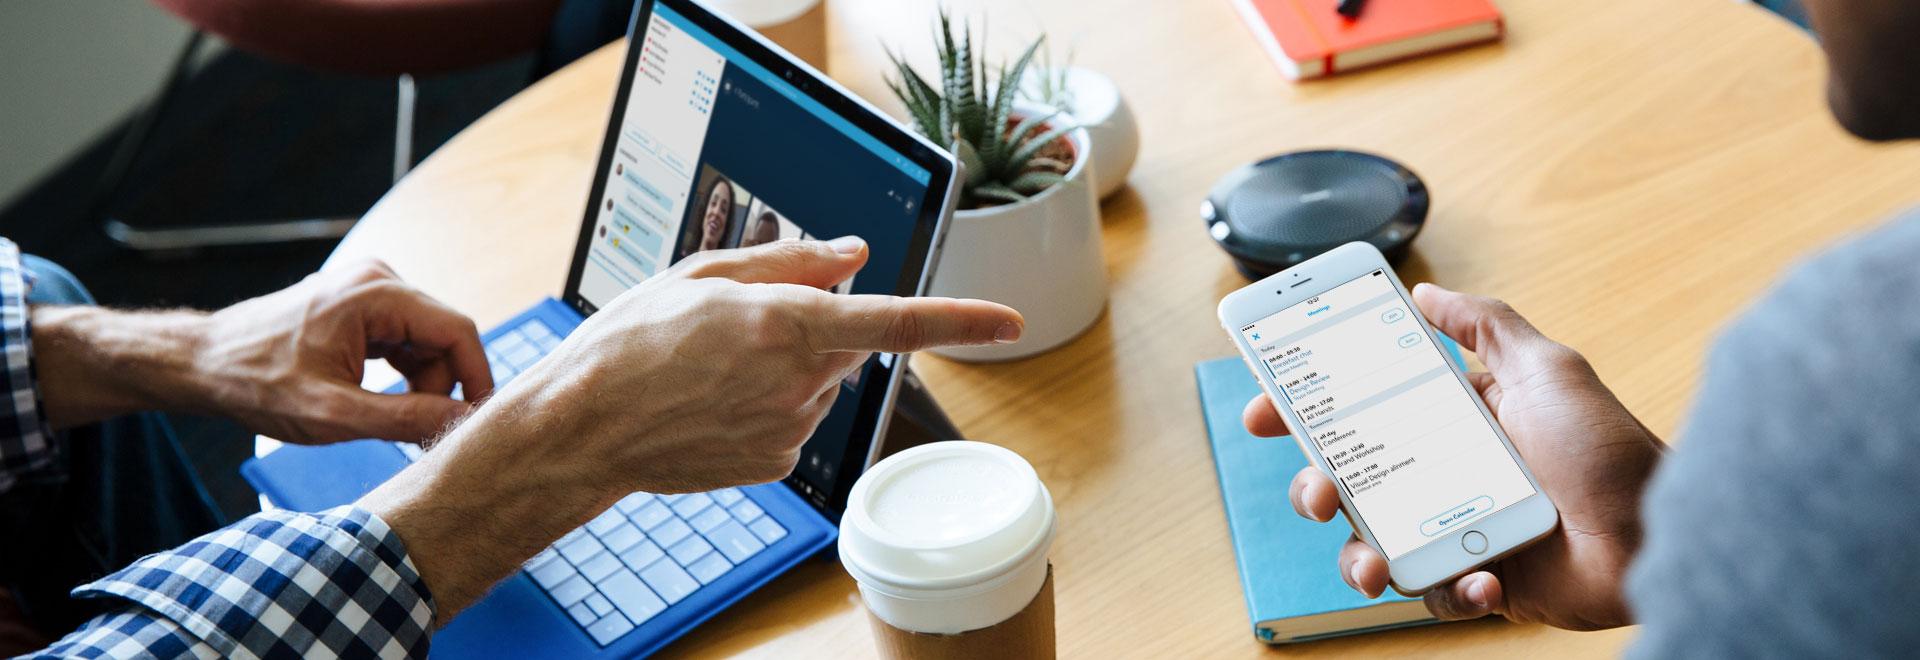 桌子旁的两个人分别在手机和笔记本电脑上使用 Skype for Business